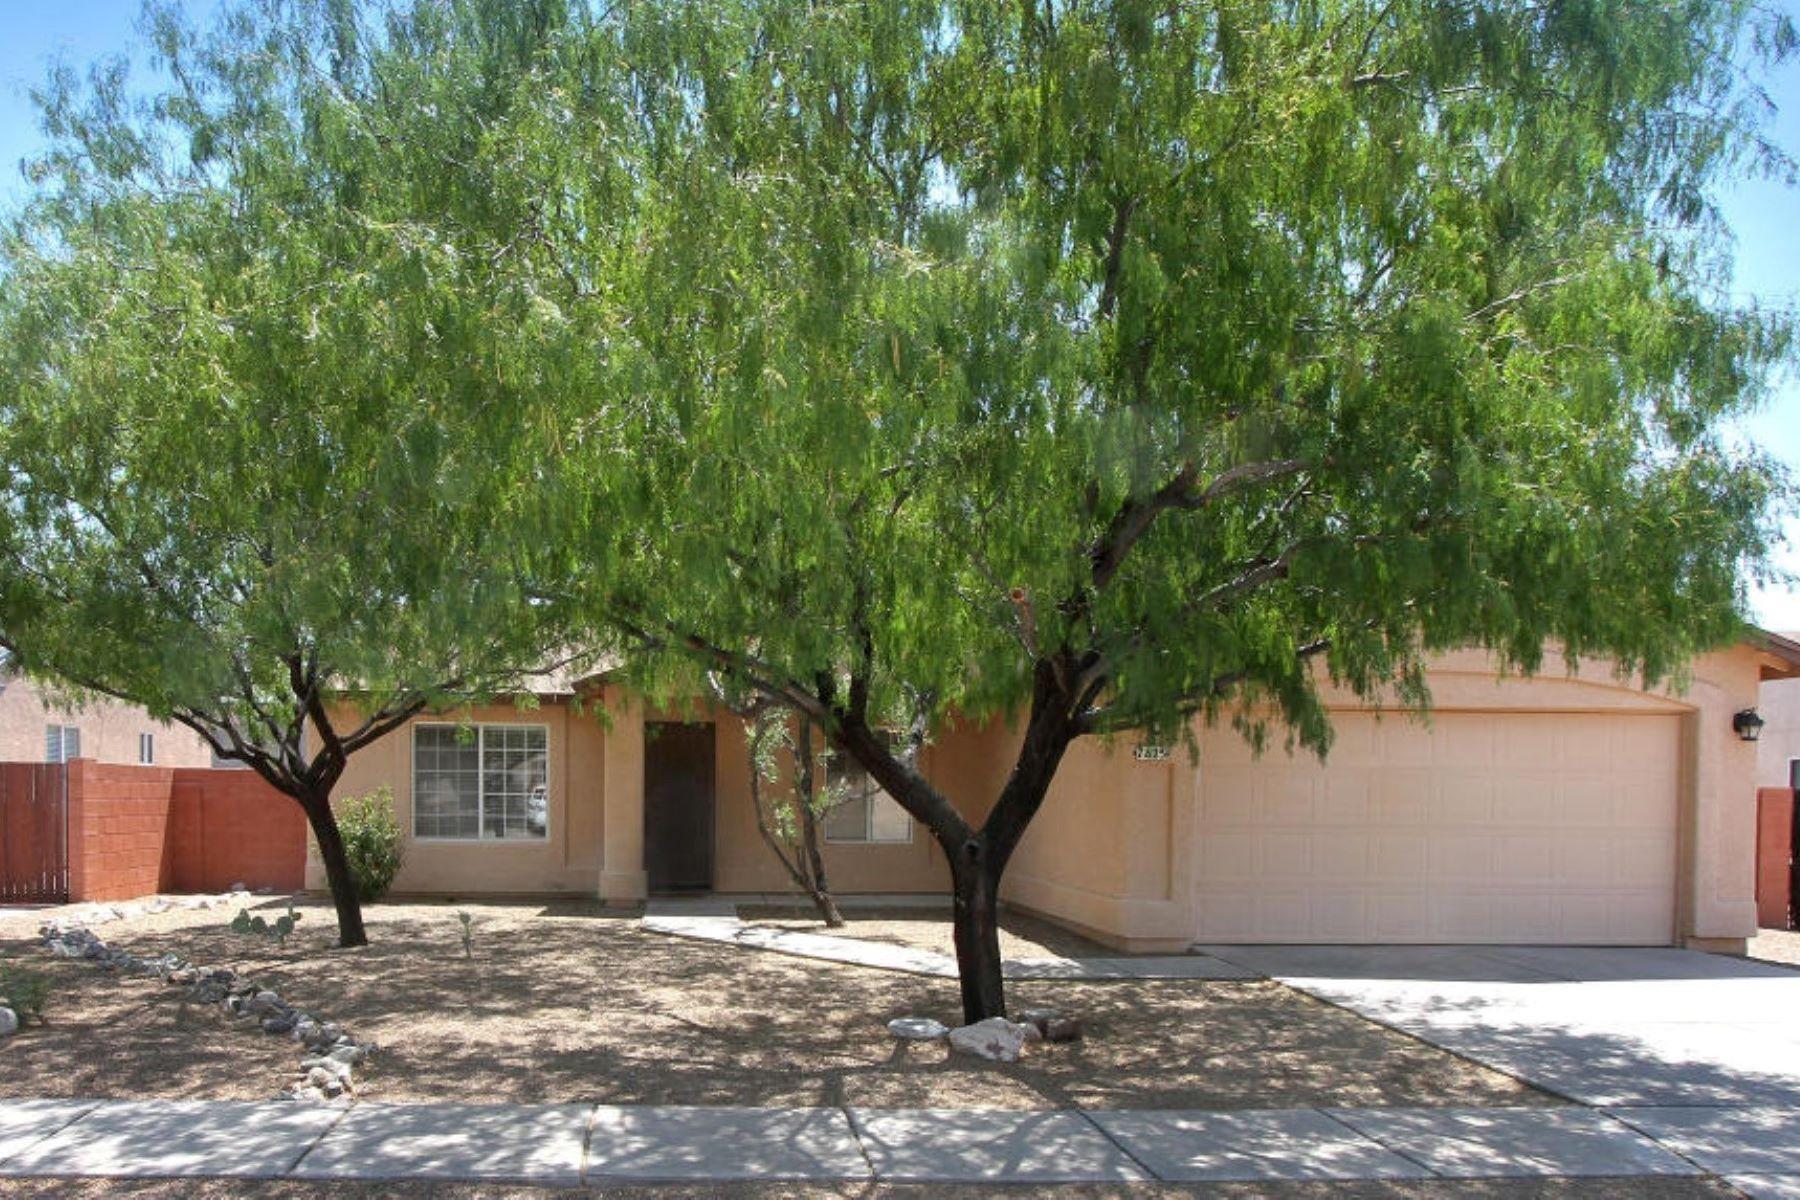 一戸建て のために 売買 アット Bright, Light & Airy 7825 S Claremon Avenue Rita Ranch, Tucson, アリゾナ, 85747 アメリカ合衆国